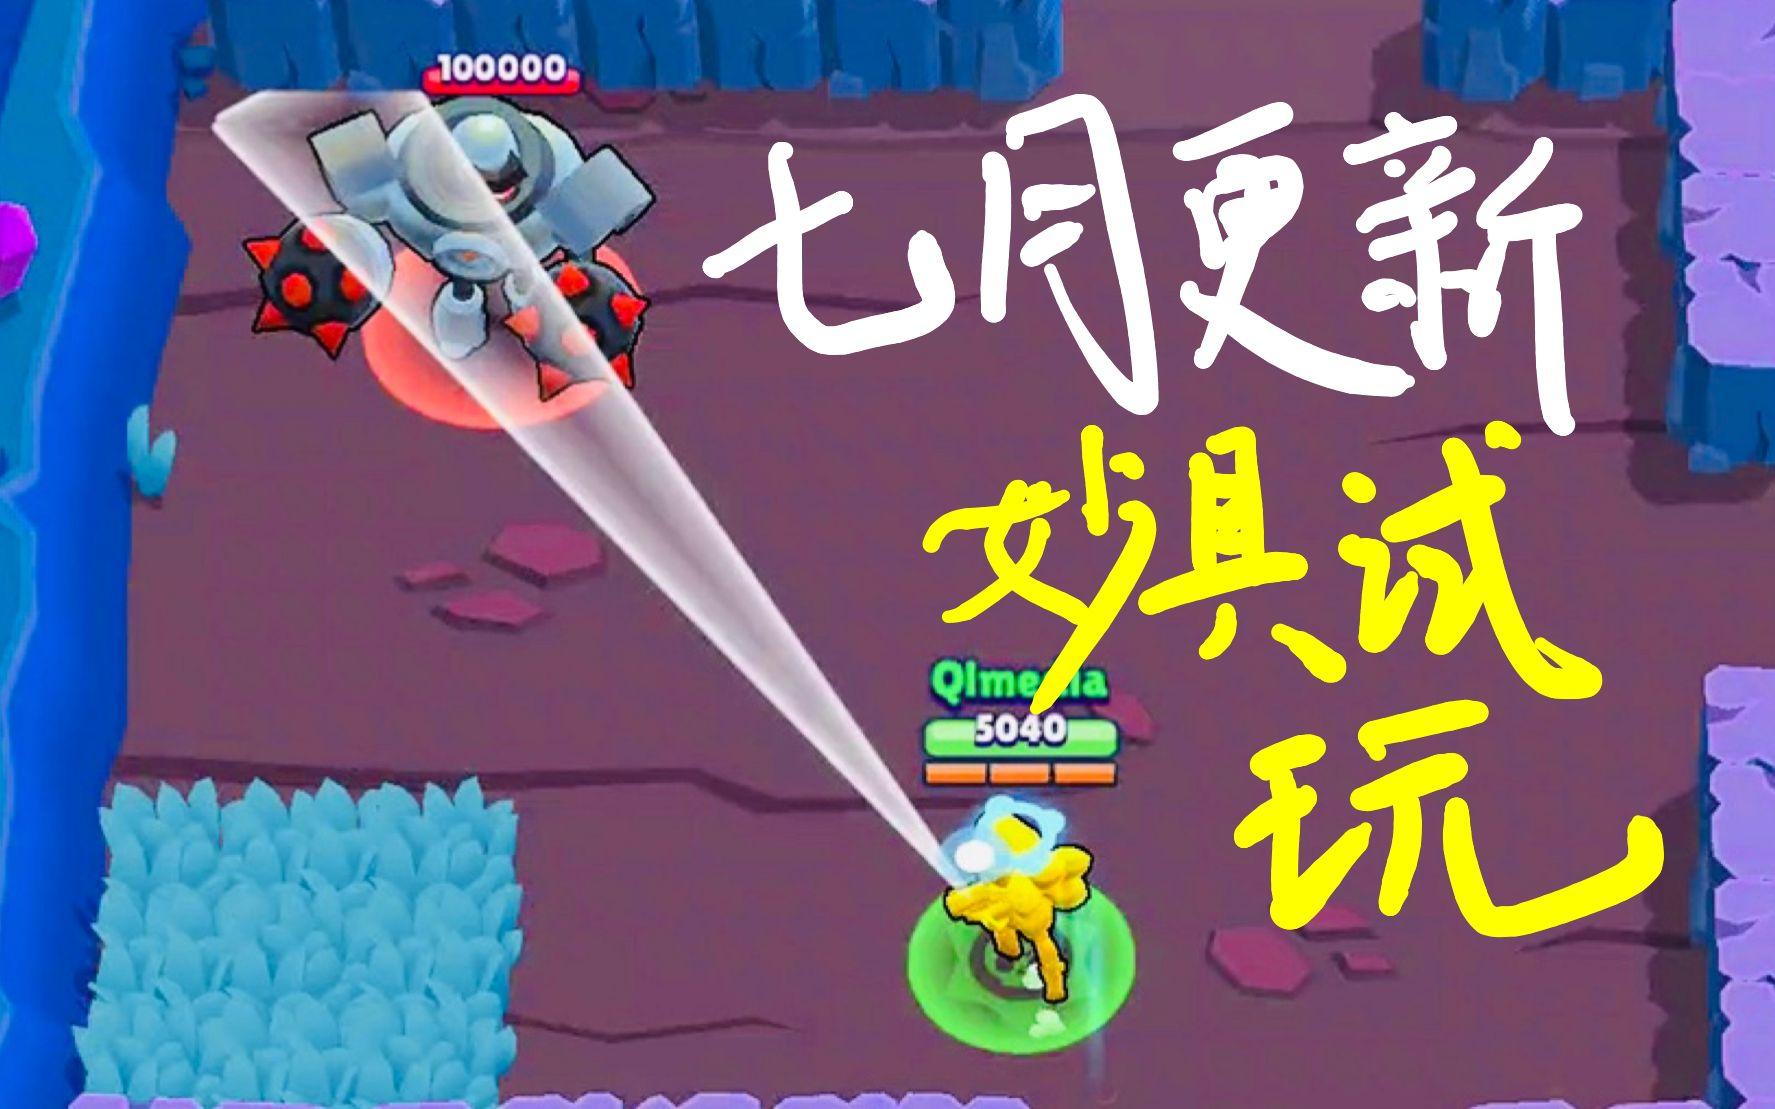 荒野乱斗七月更新全部妙具展示,雪莉是远程英雄?!